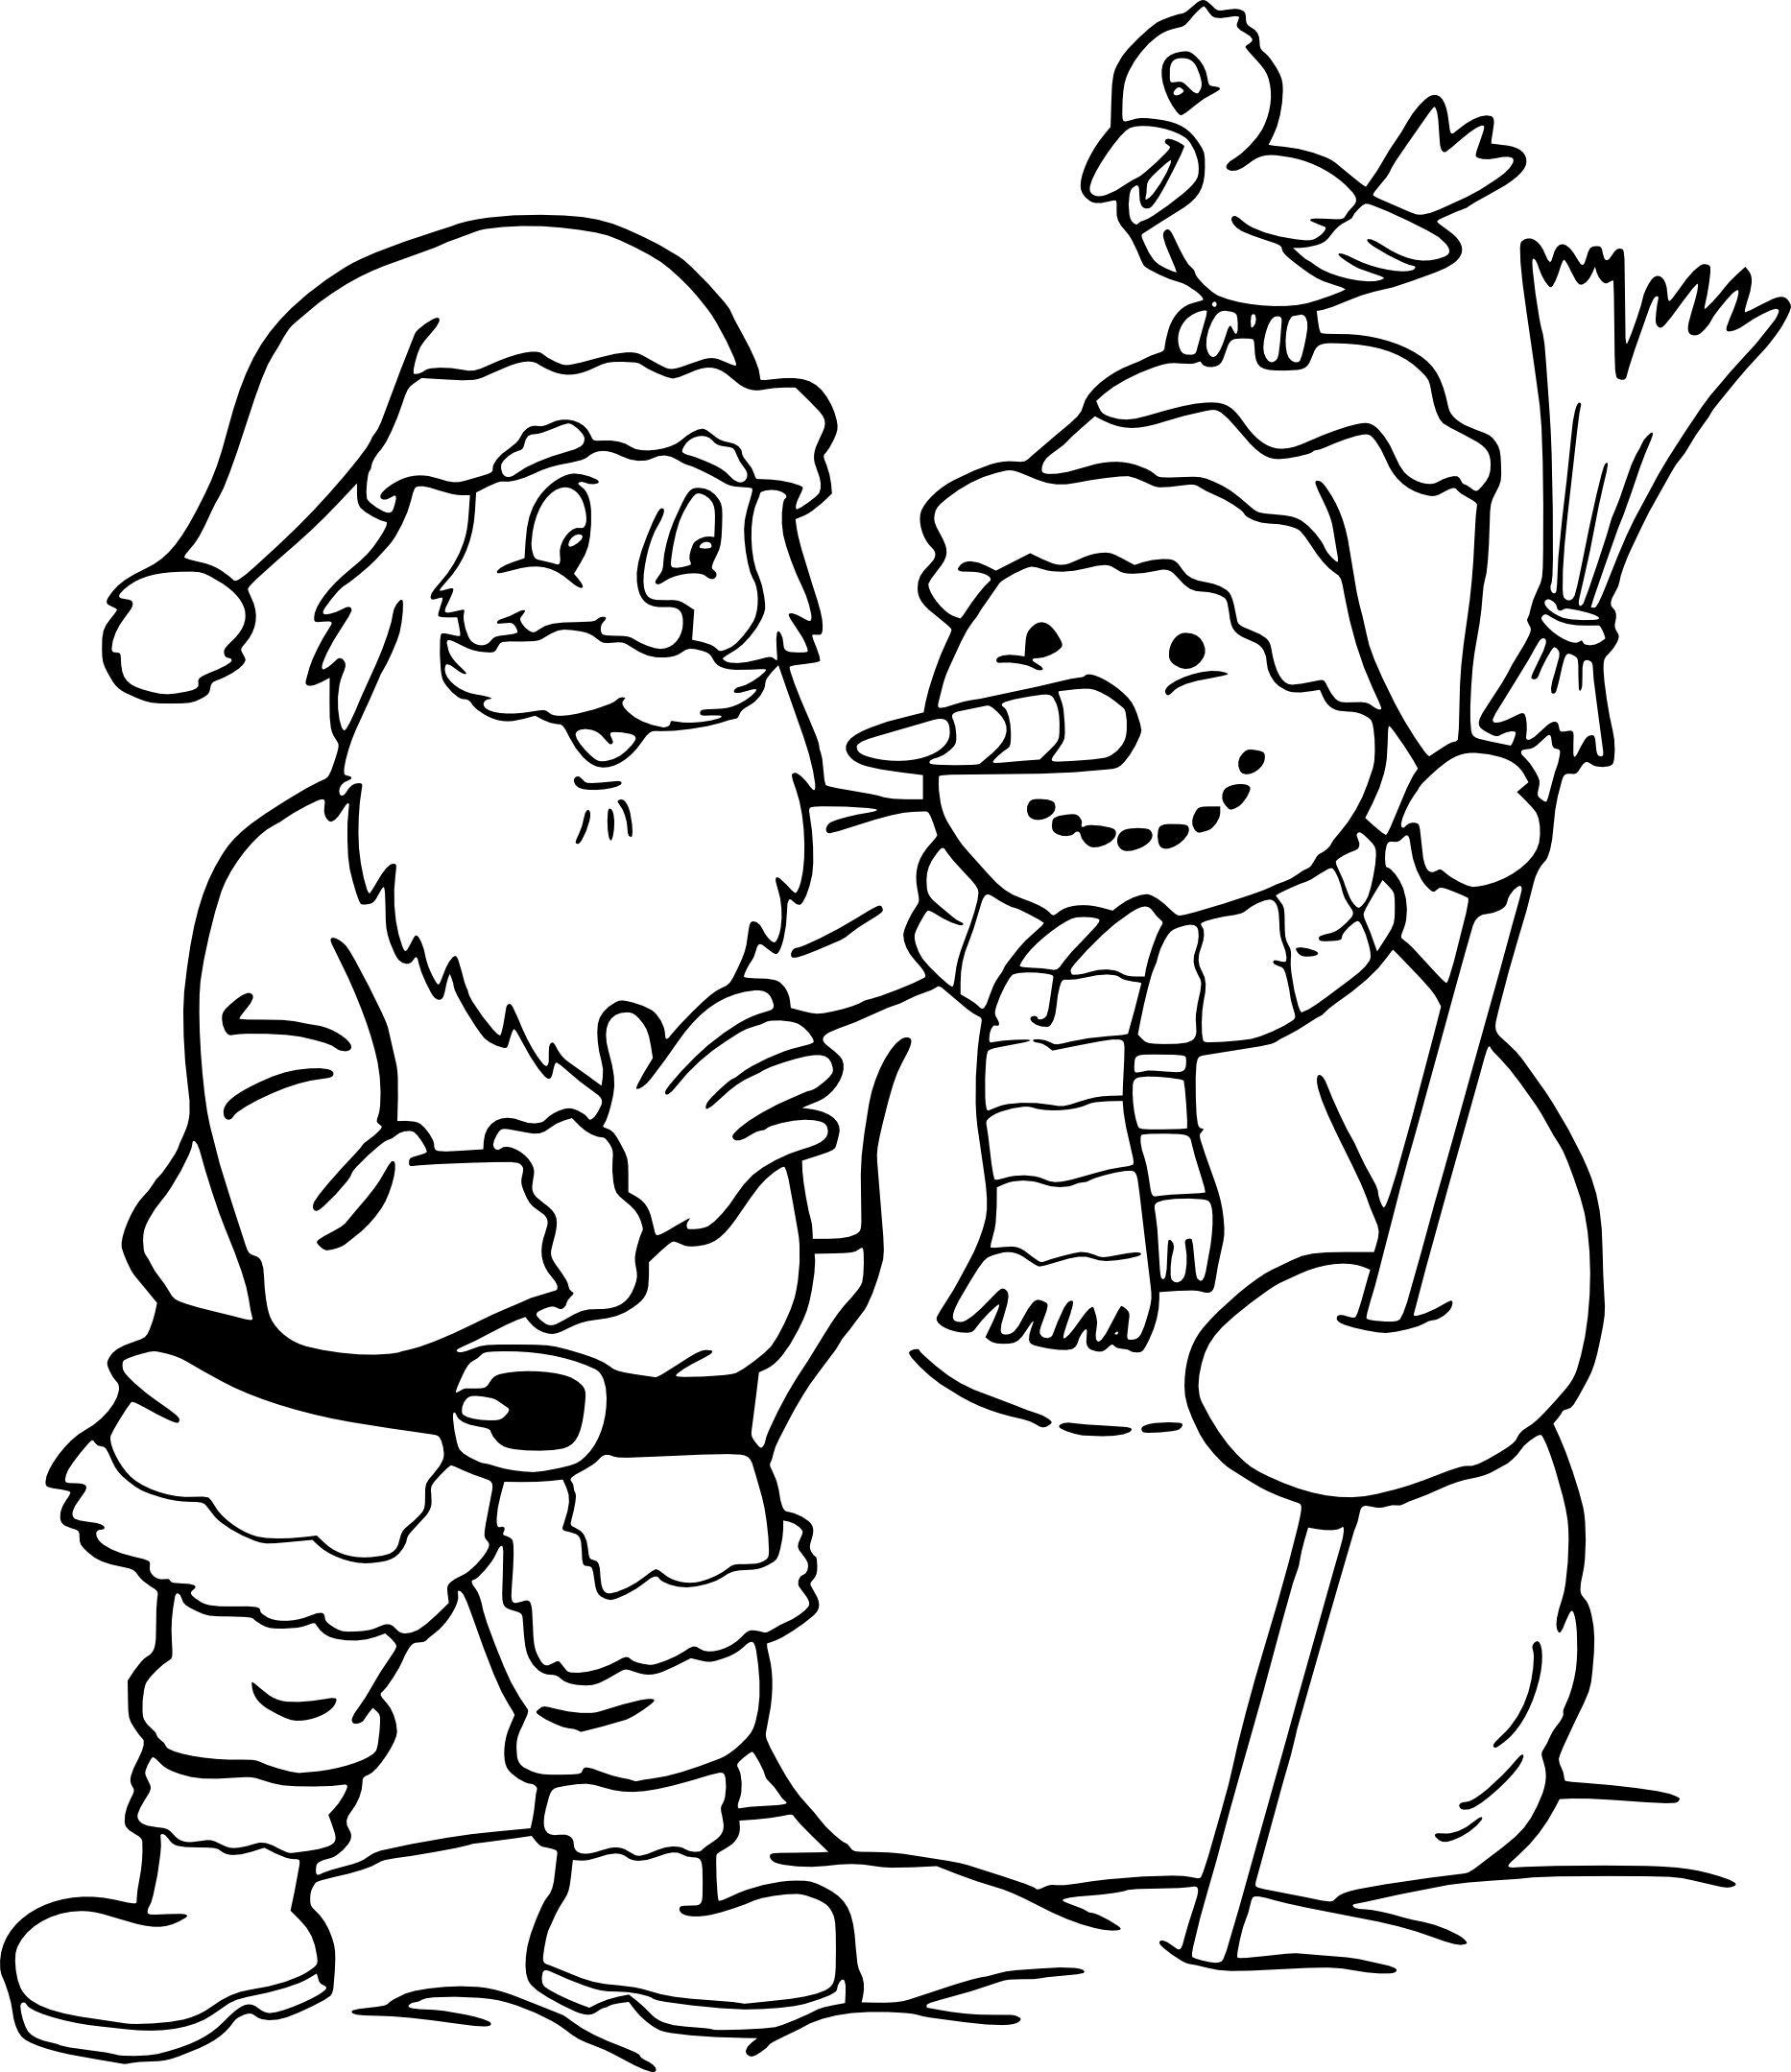 Coloriage Père Noël Et Bonhomme De Neige À Imprimer – Waouo concernant Dessin Bonhomme De Neige A Imprimer